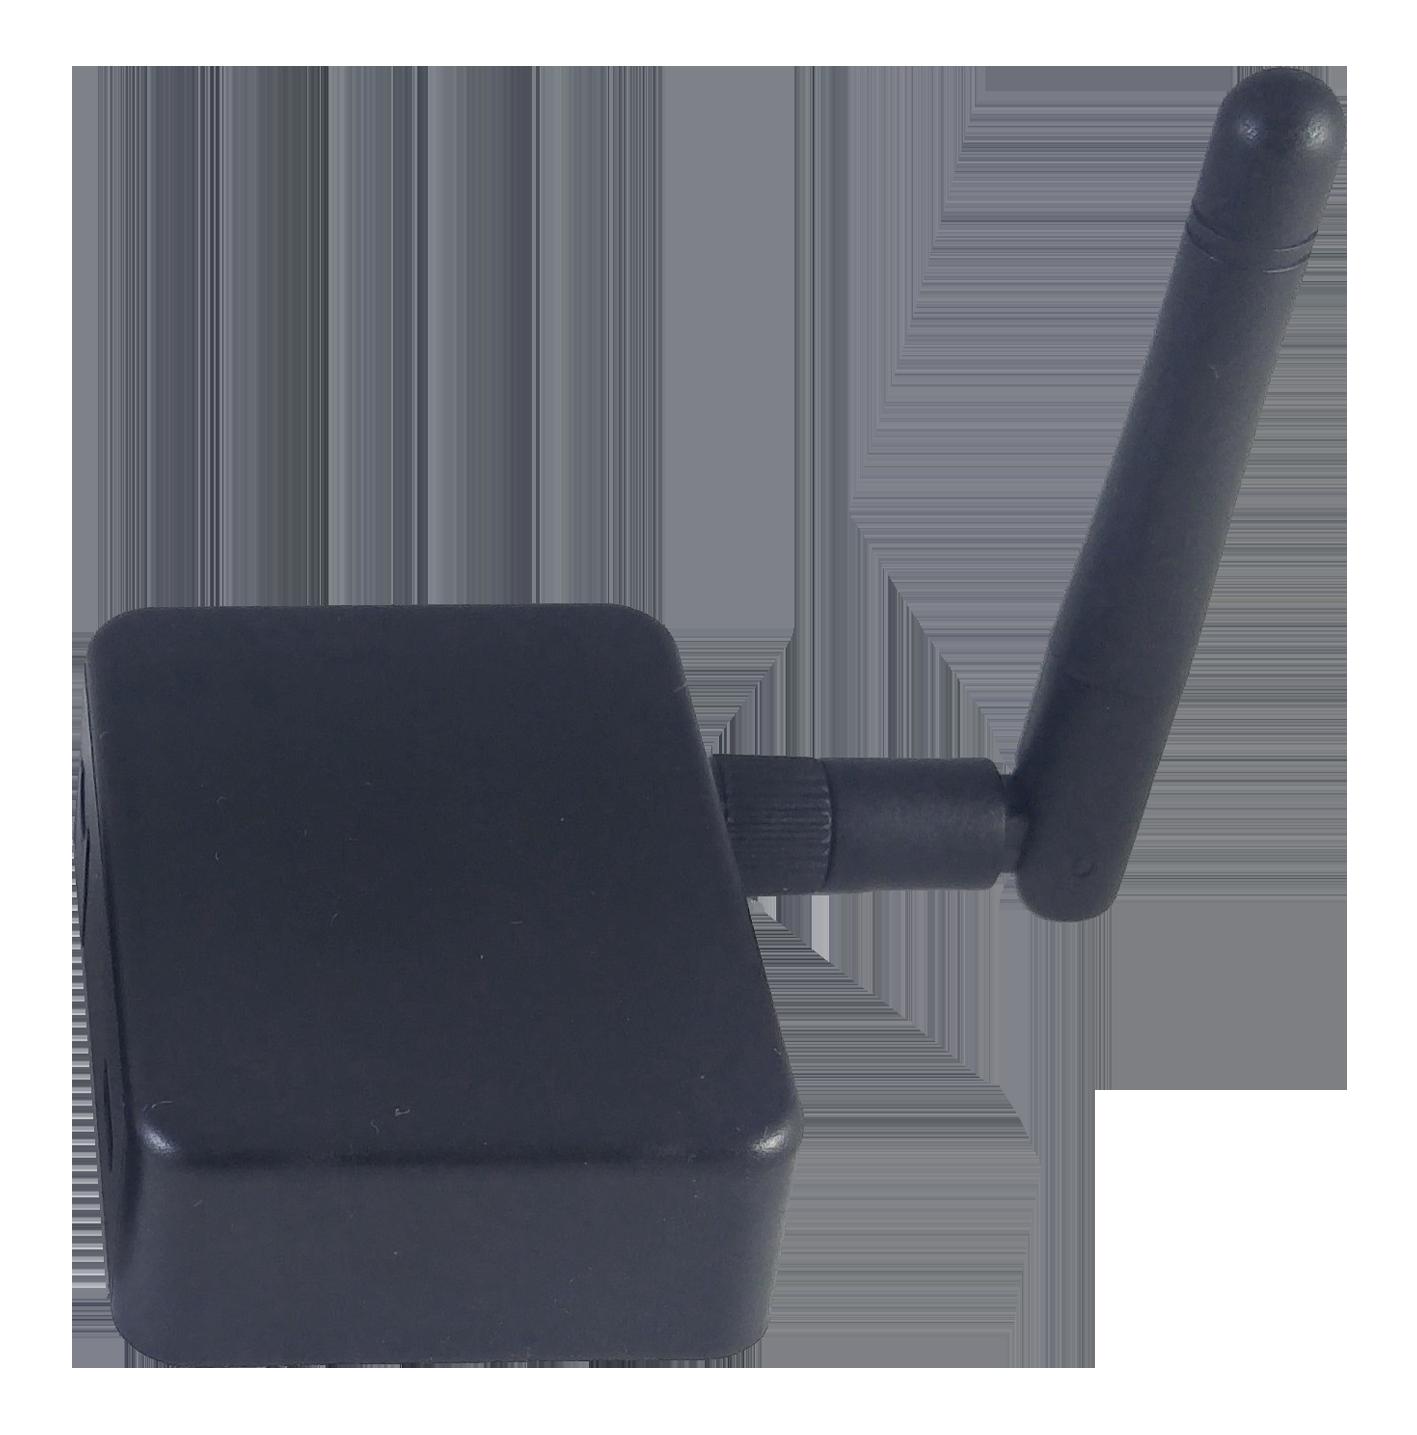 BLE/WiFiゲートウェイ (model:iGS01s)